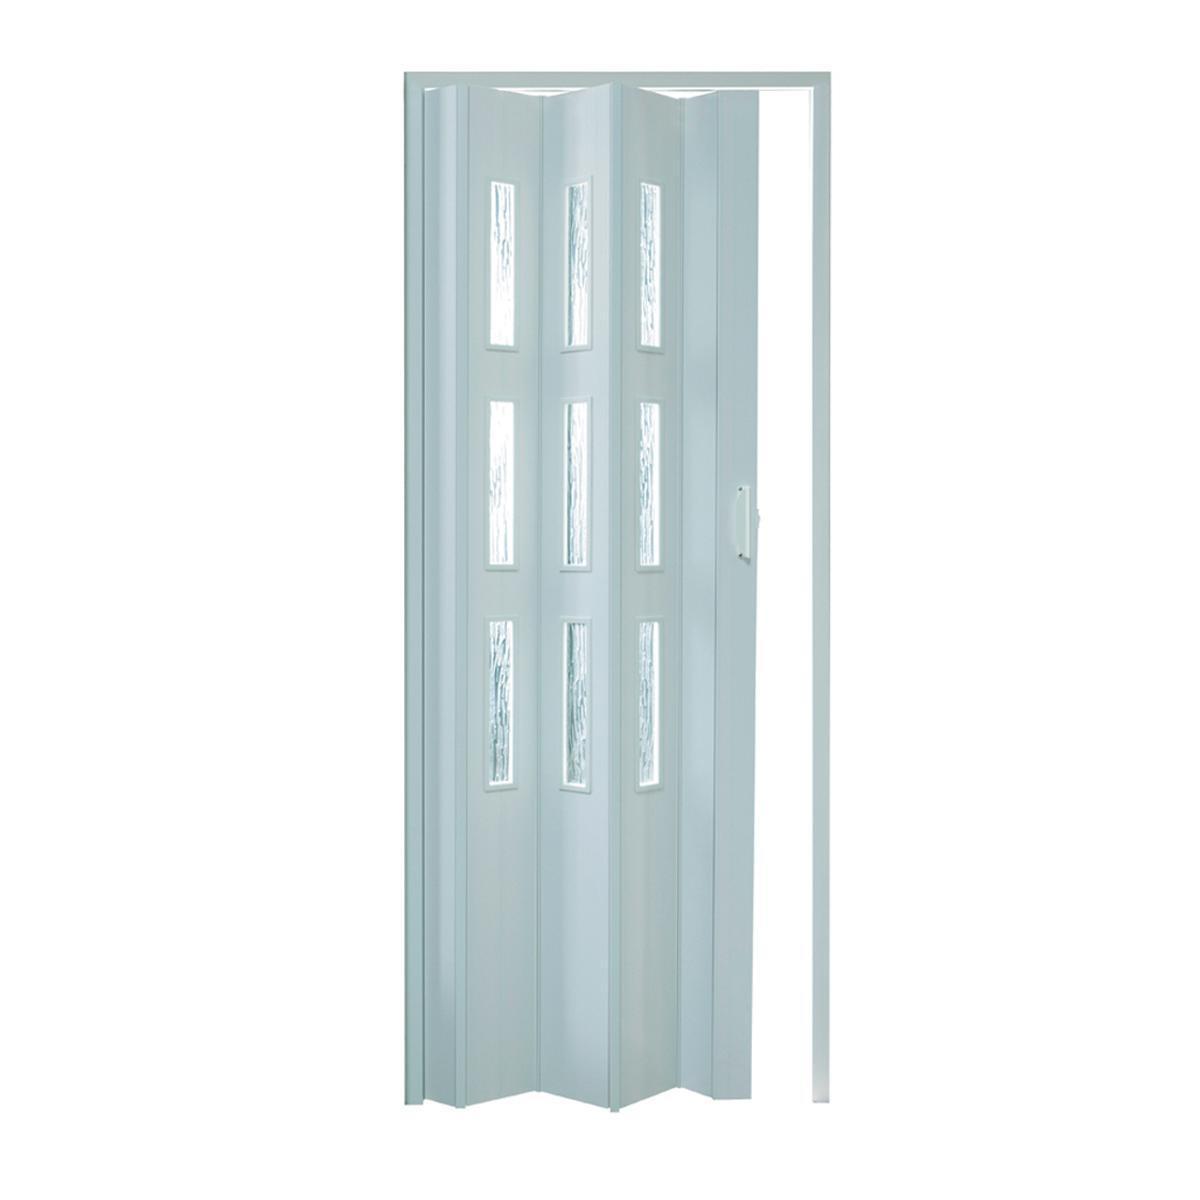 Porta a soffietto Basic in pvc bianco L 83 x H 214 cm